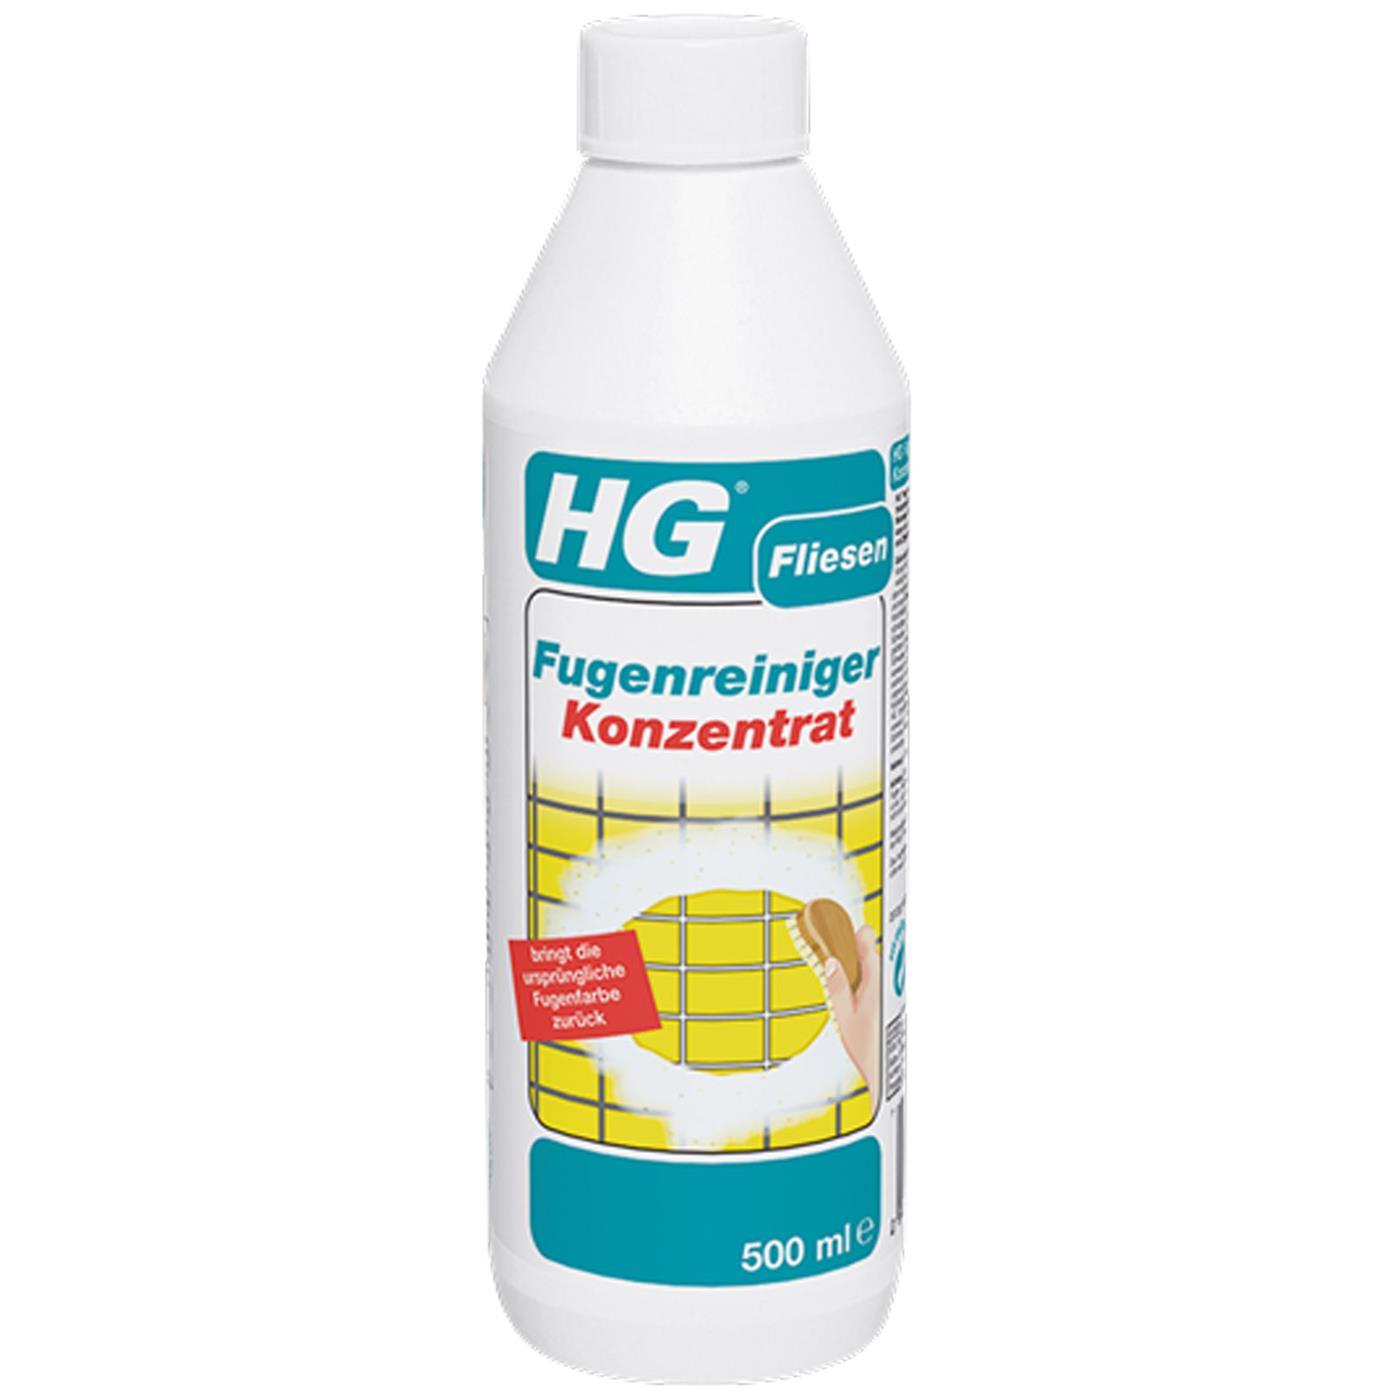 HG Fliesen Fugenreiniger Konzentrat 500 ml